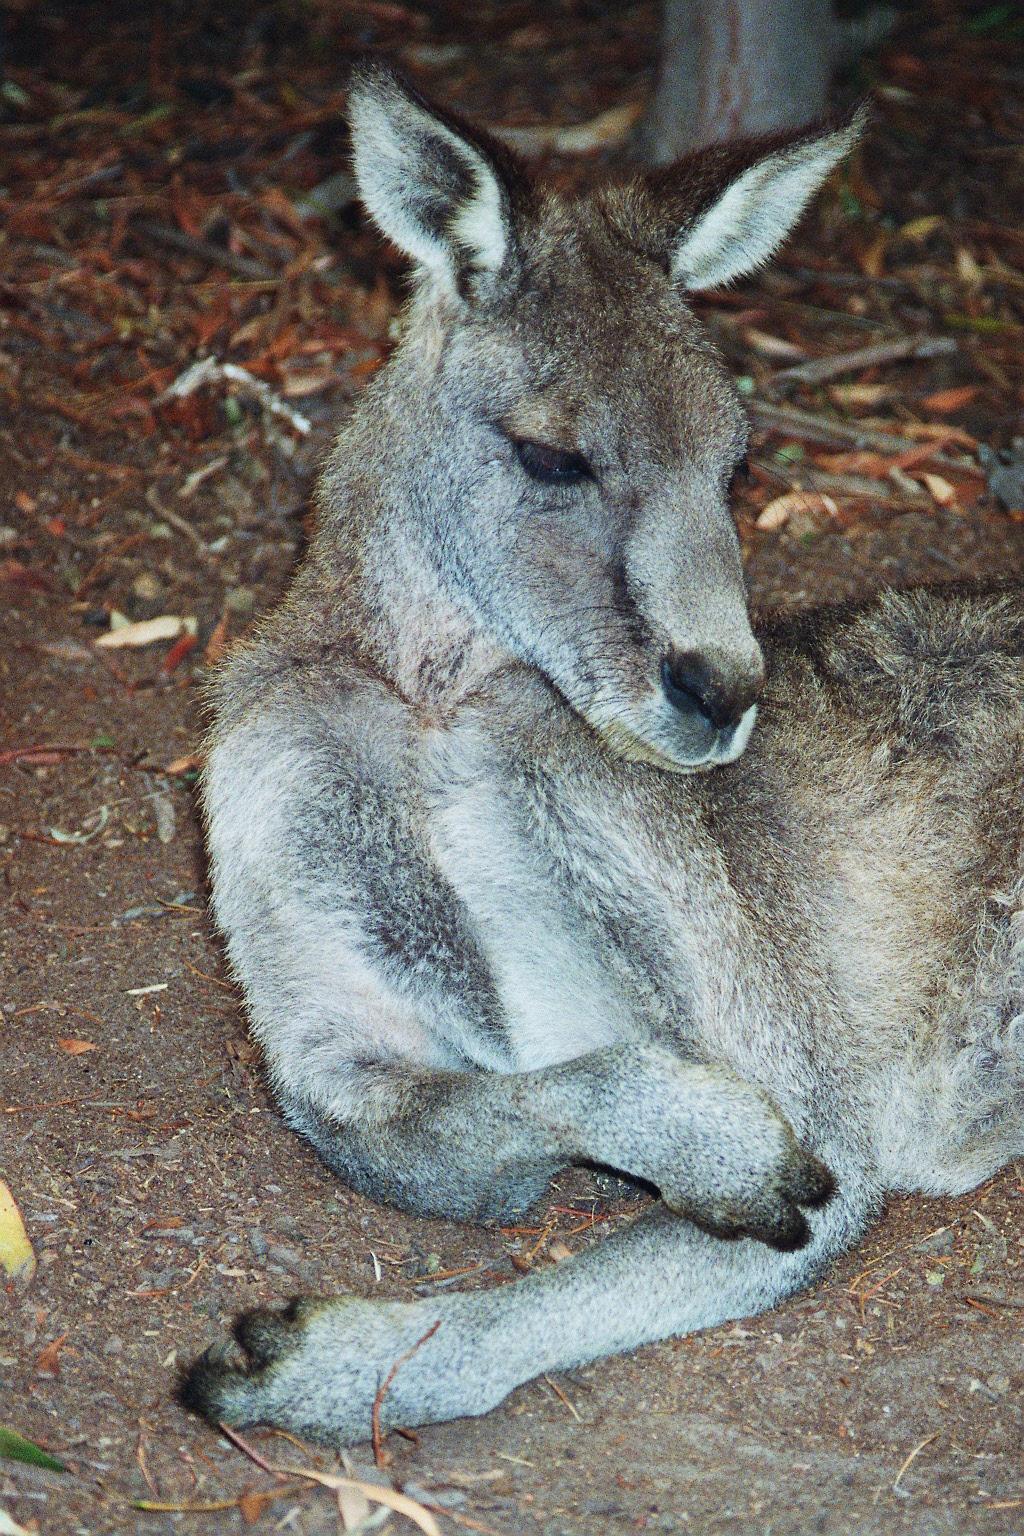 Skippy is having a rest, Victoria, Australia